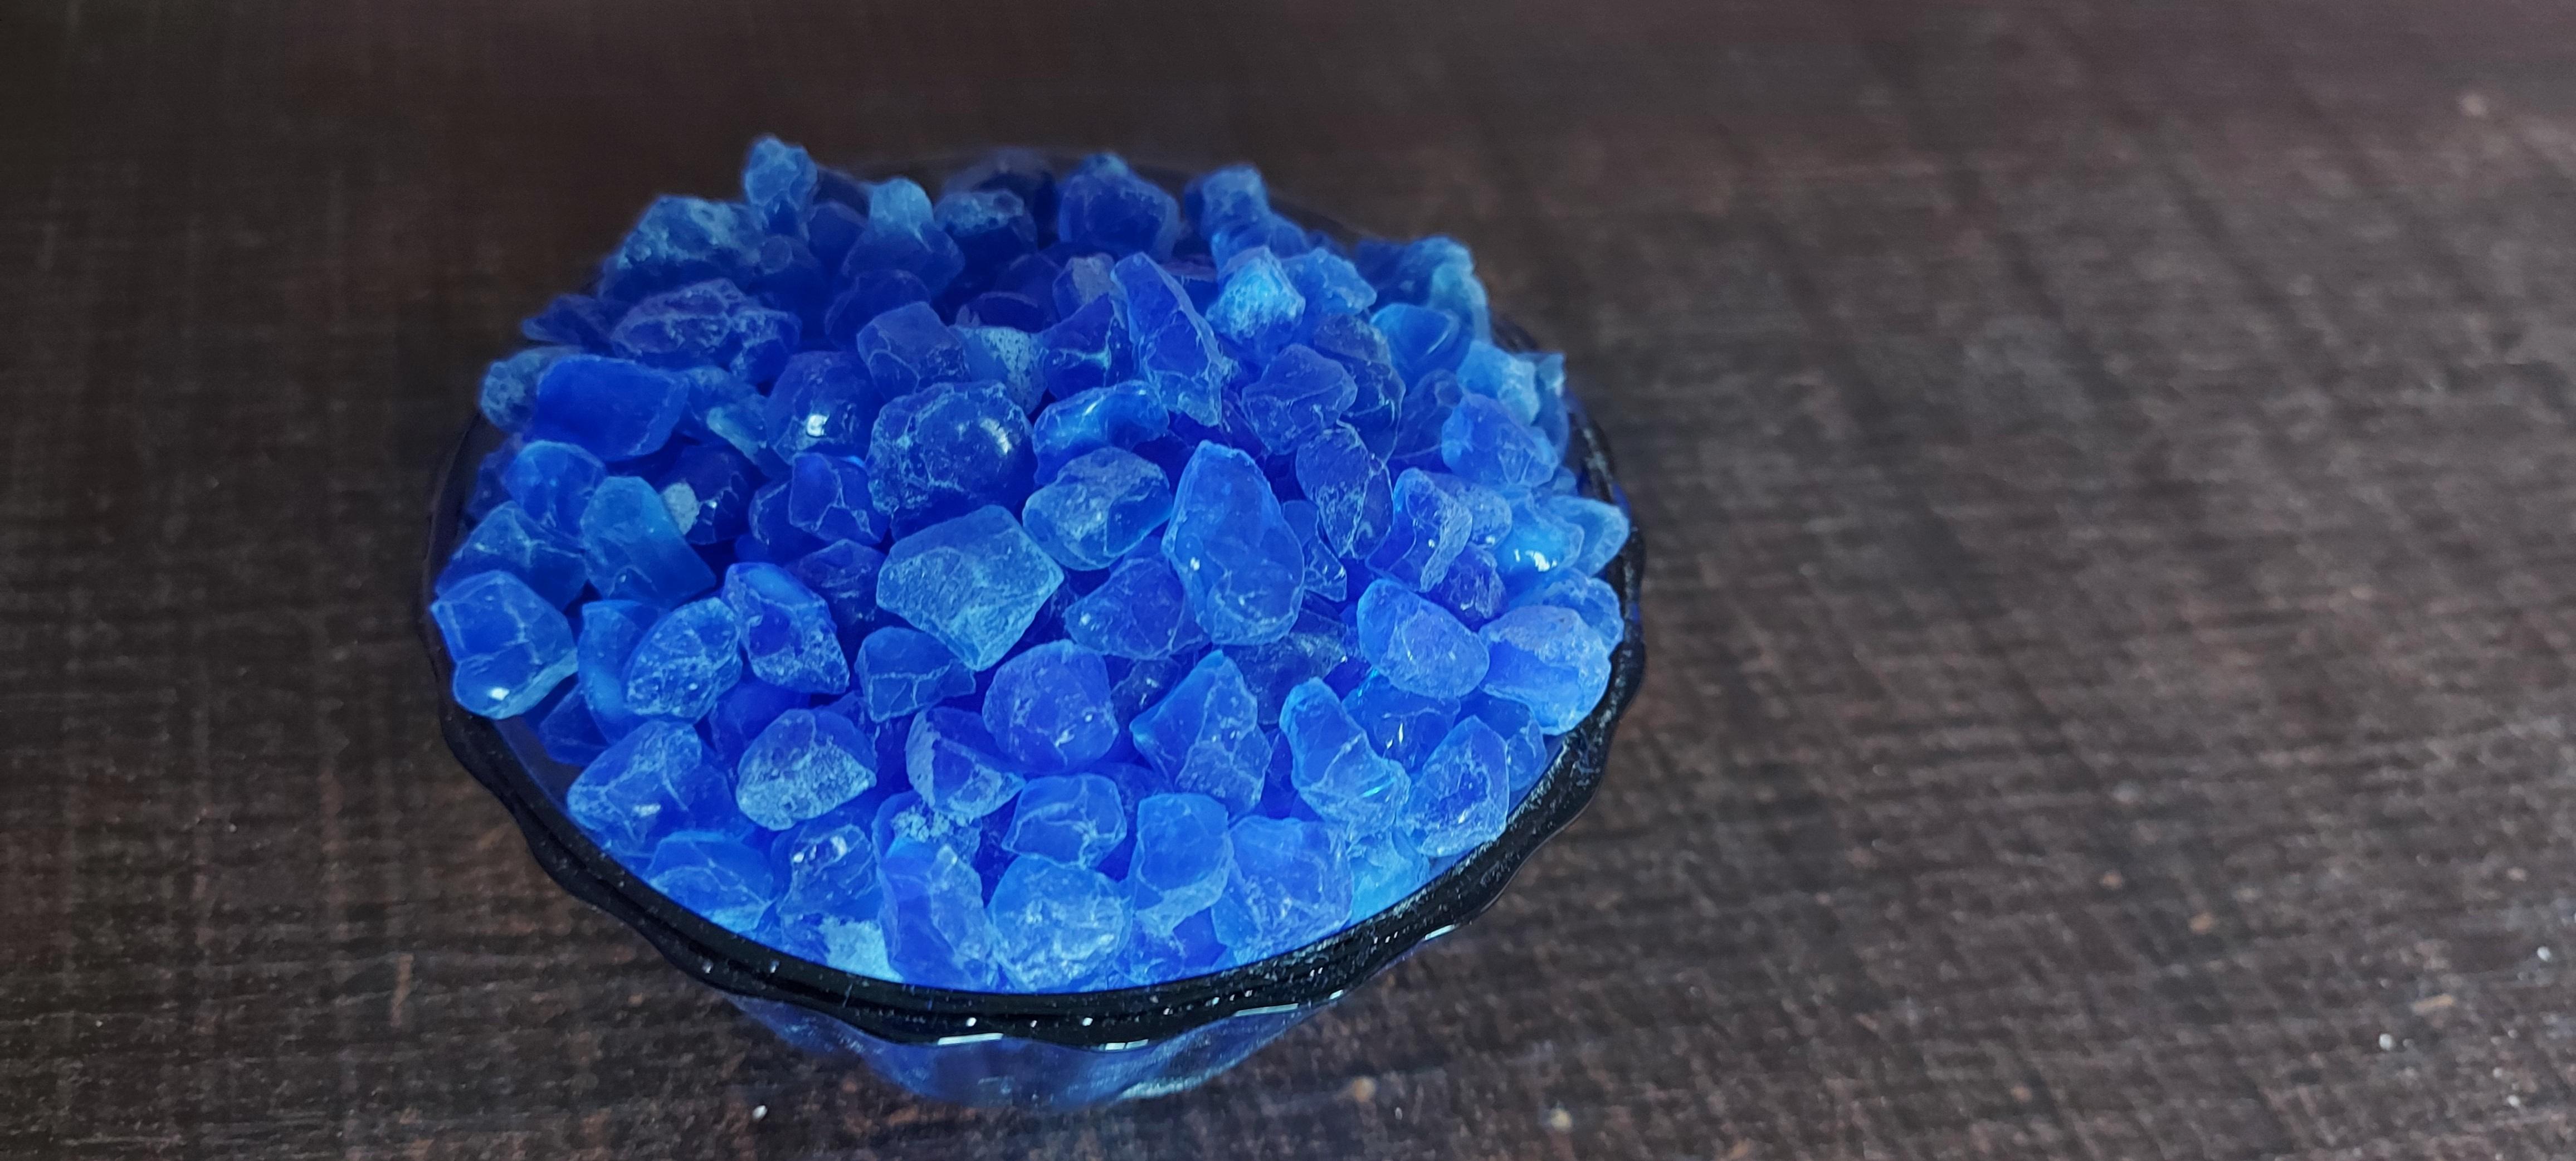 Blue Silica Gel 16-30 Mesh